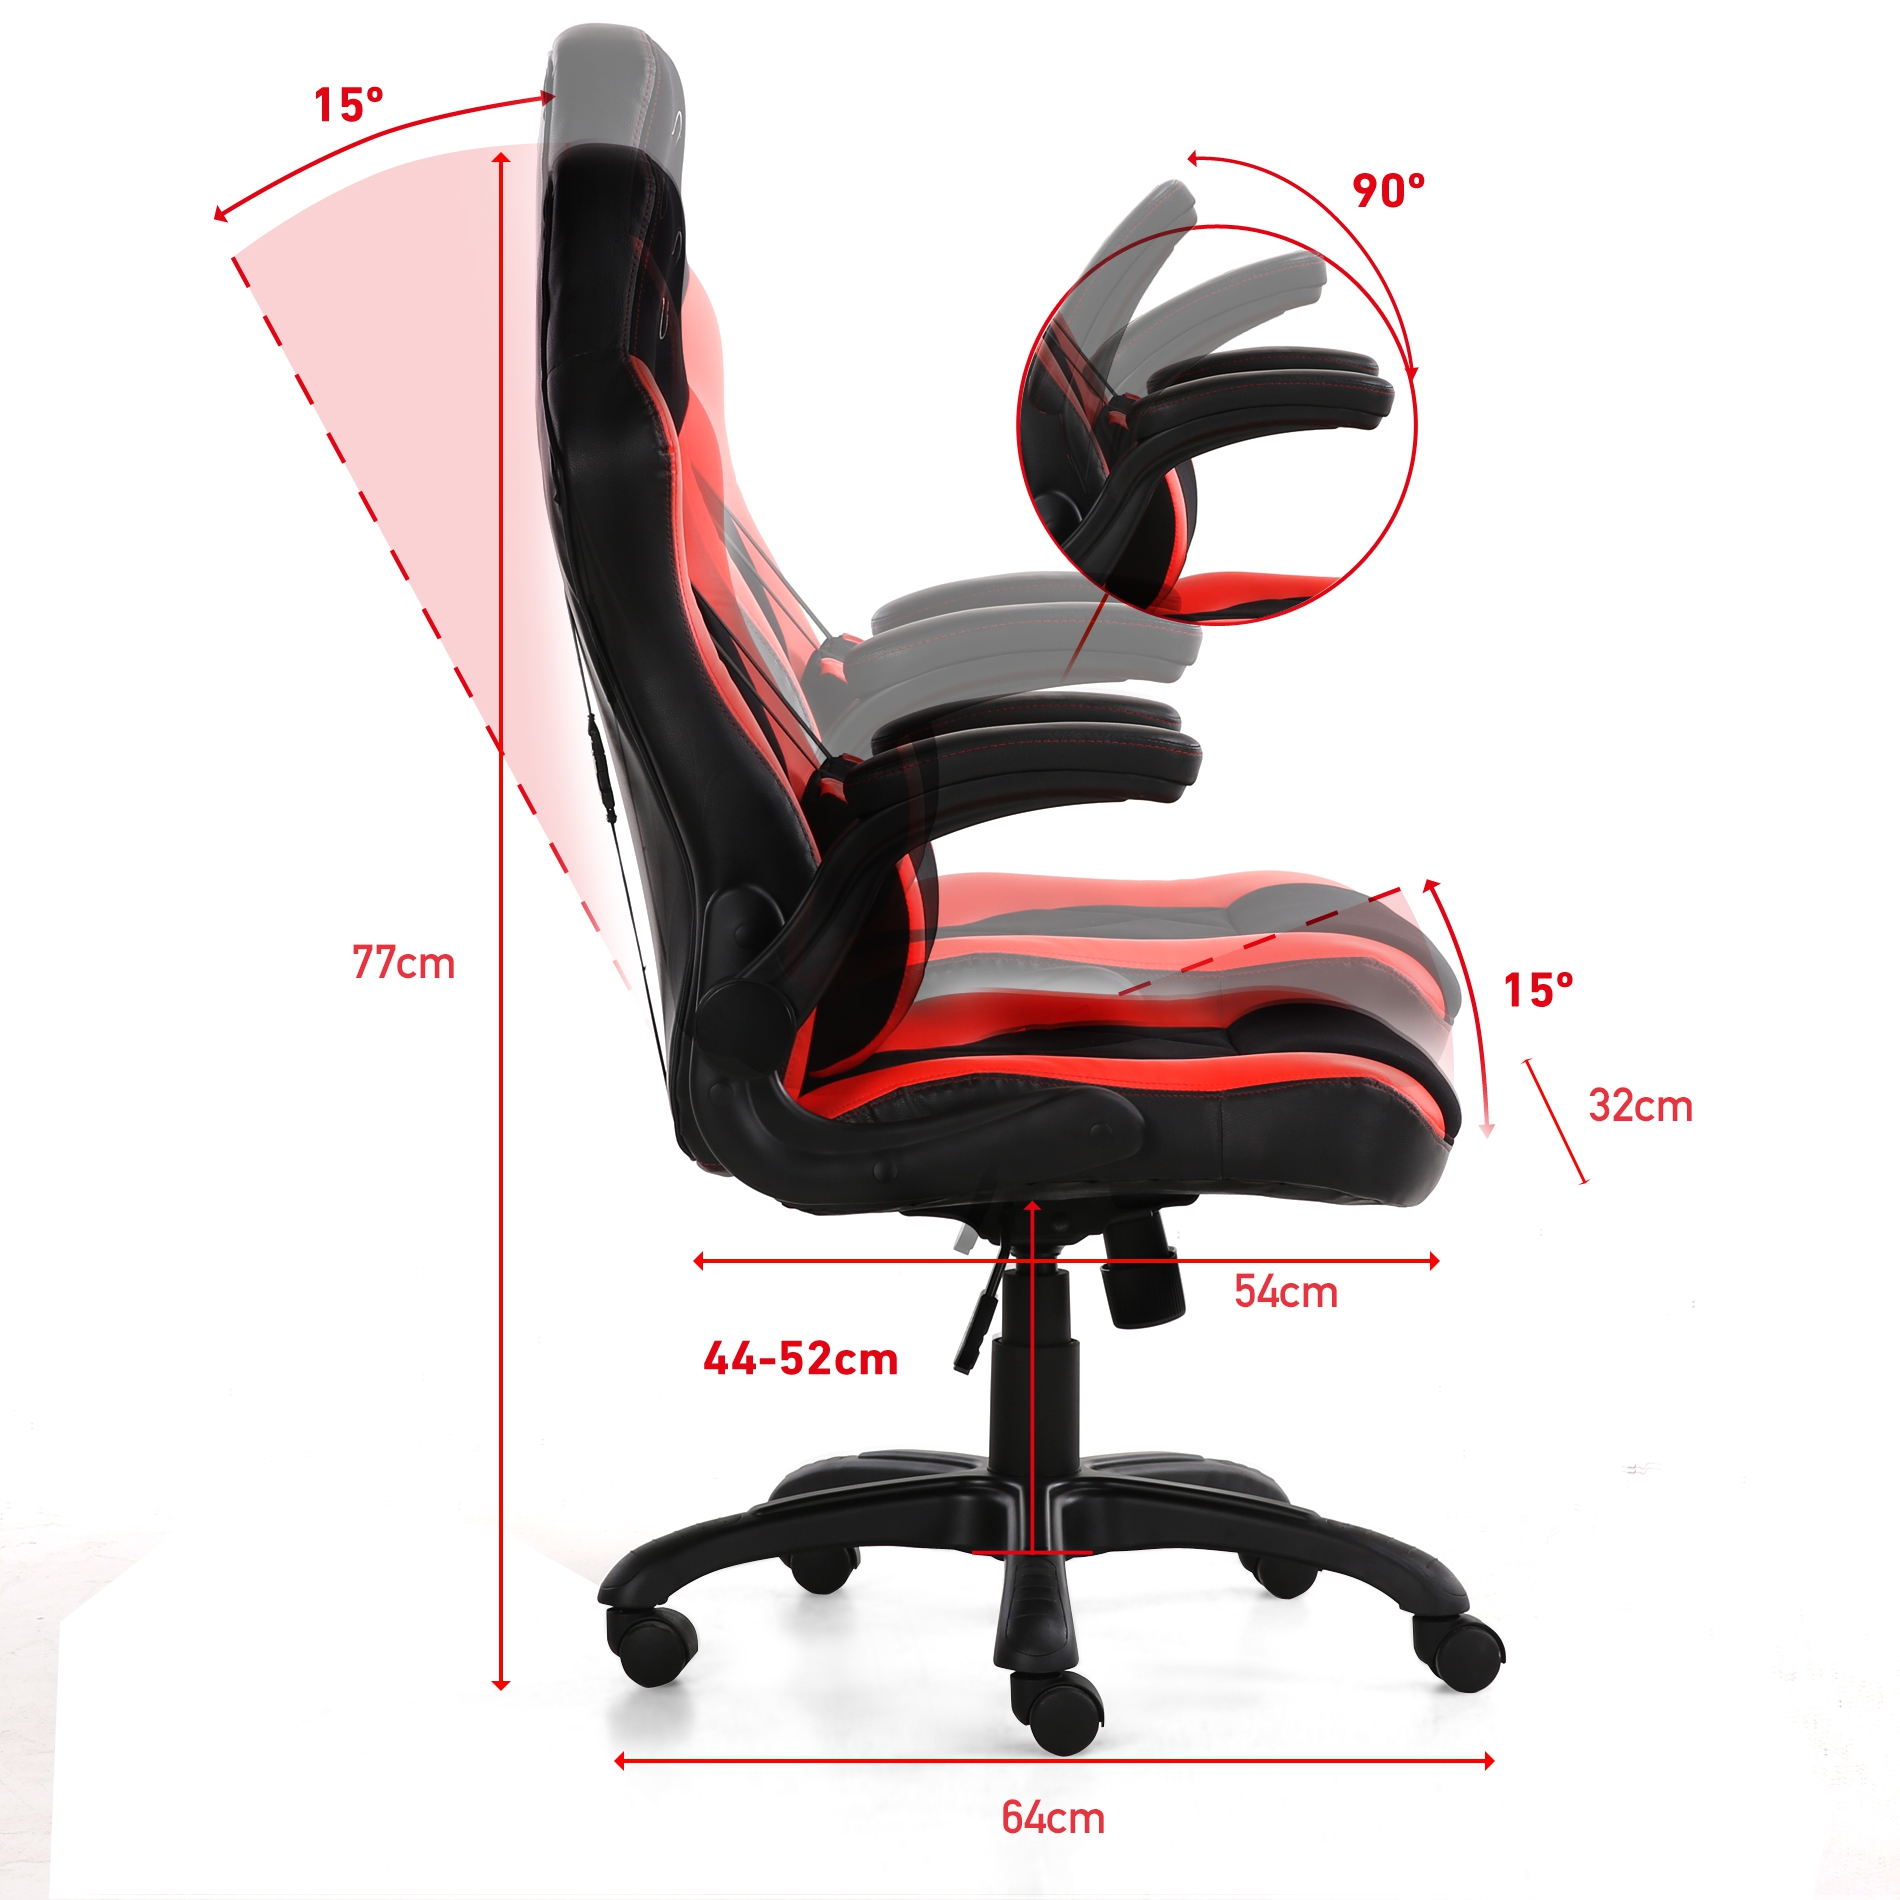 Silla gaming phoenix phfactorchair solicitud de pedido for Precio de silla gamer